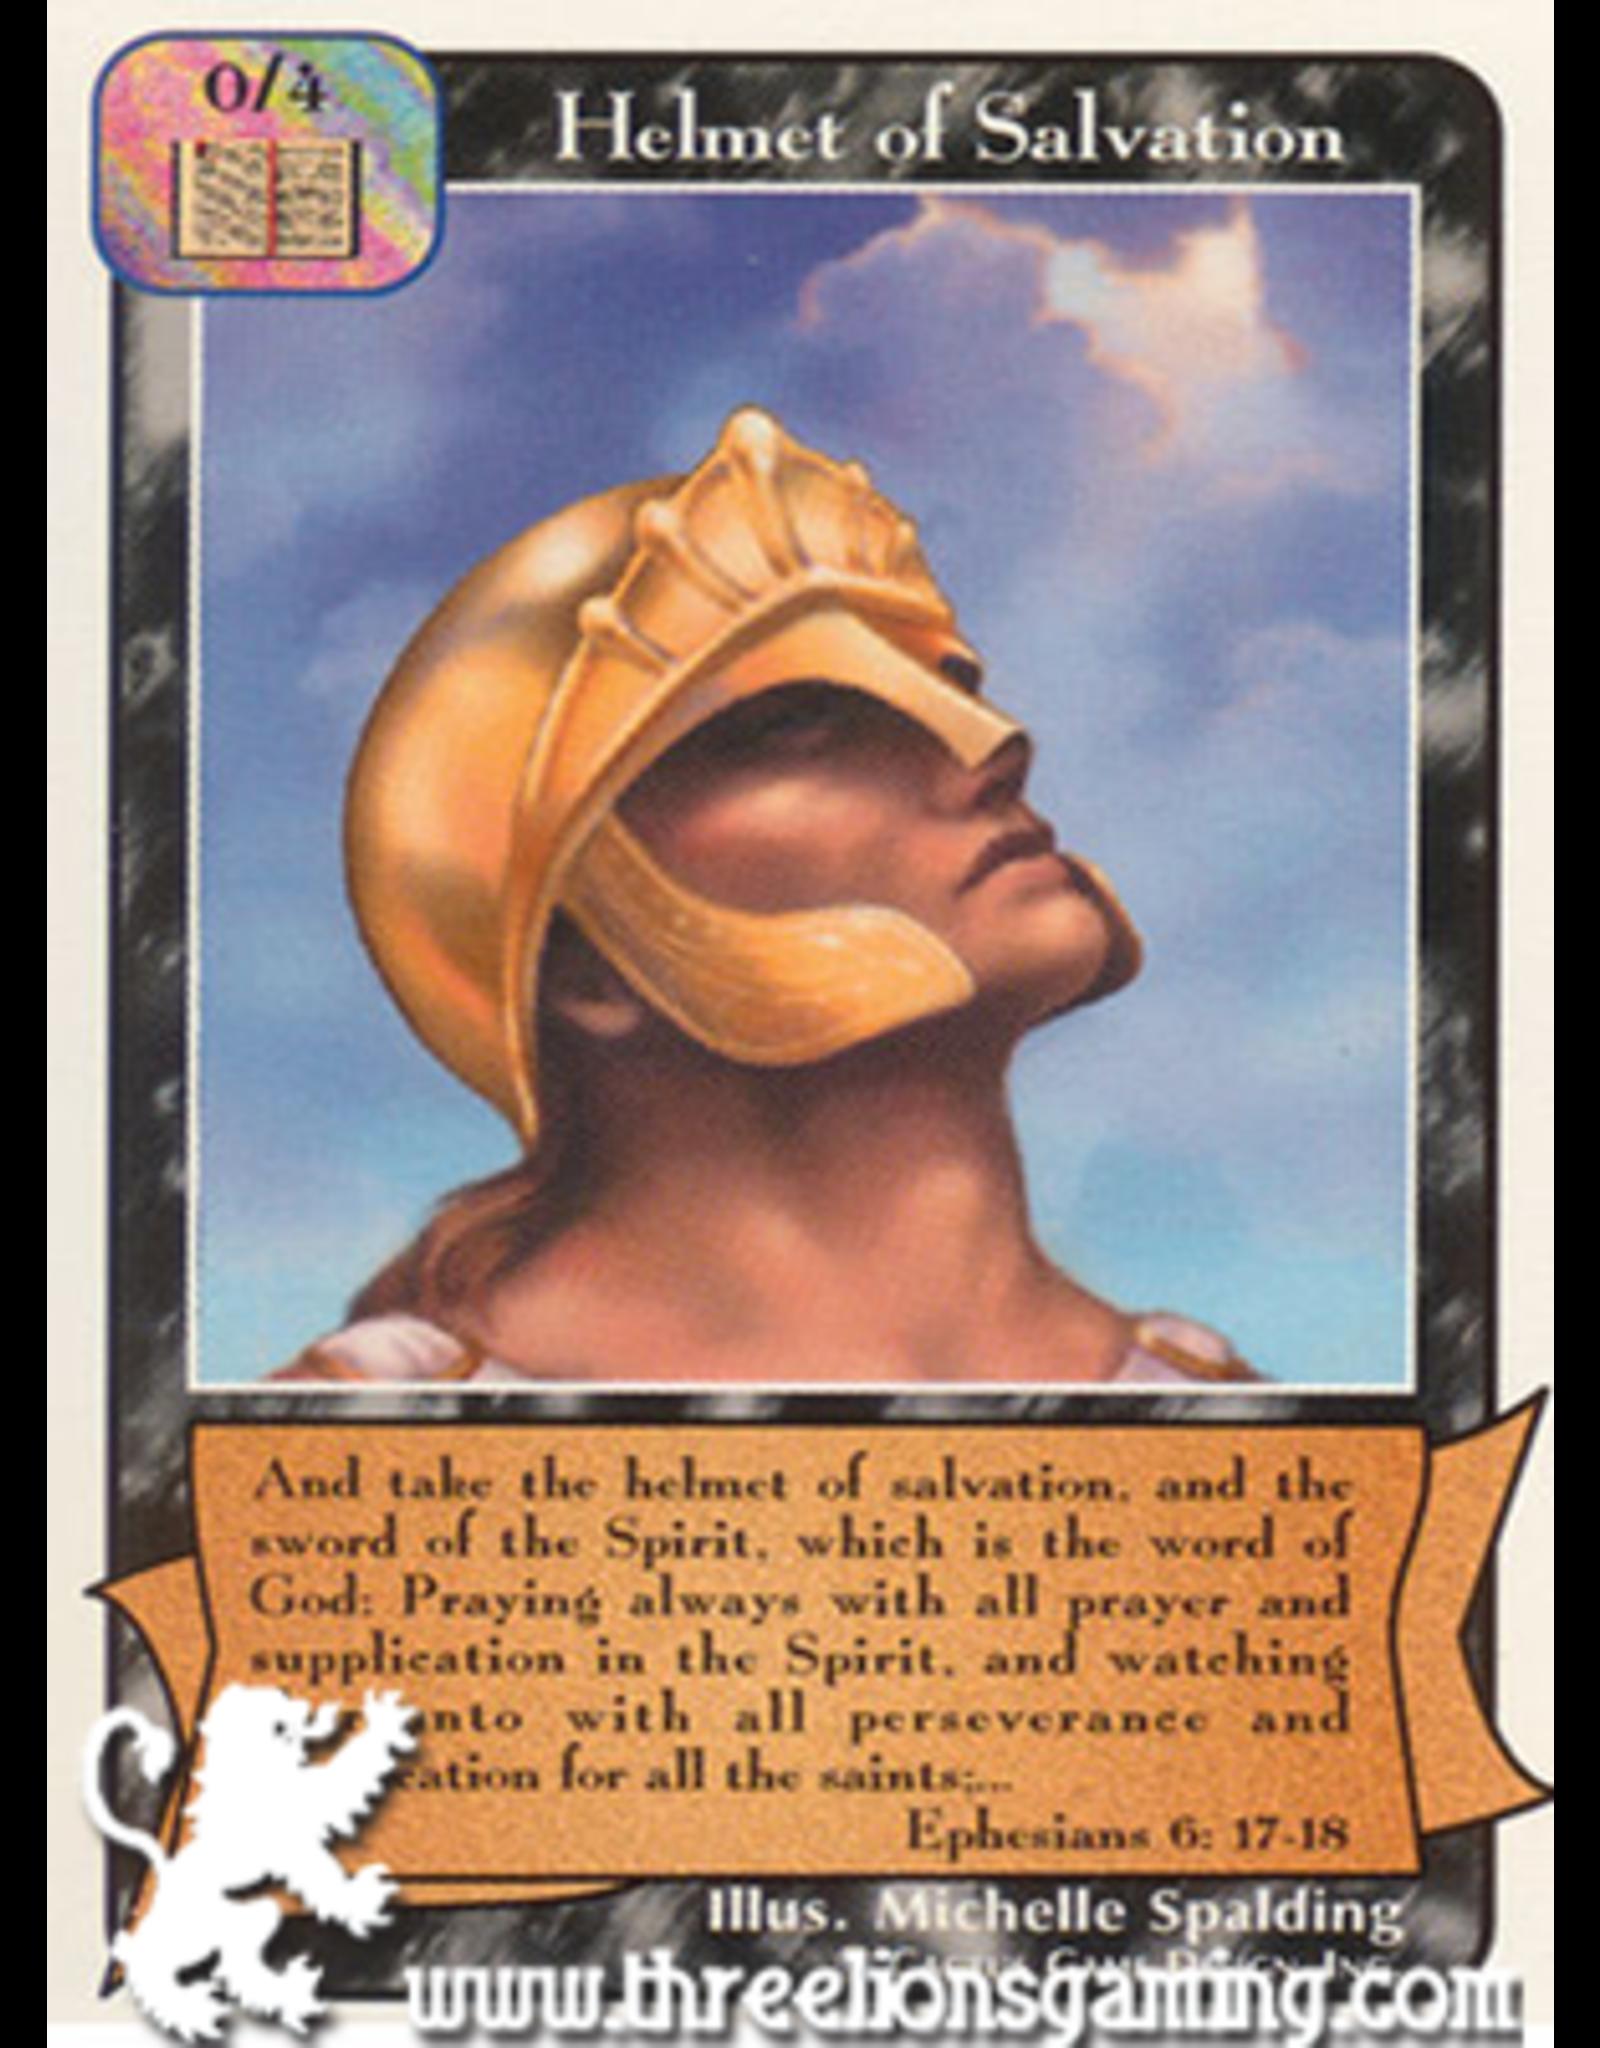 Orig: Helmet of Salvation